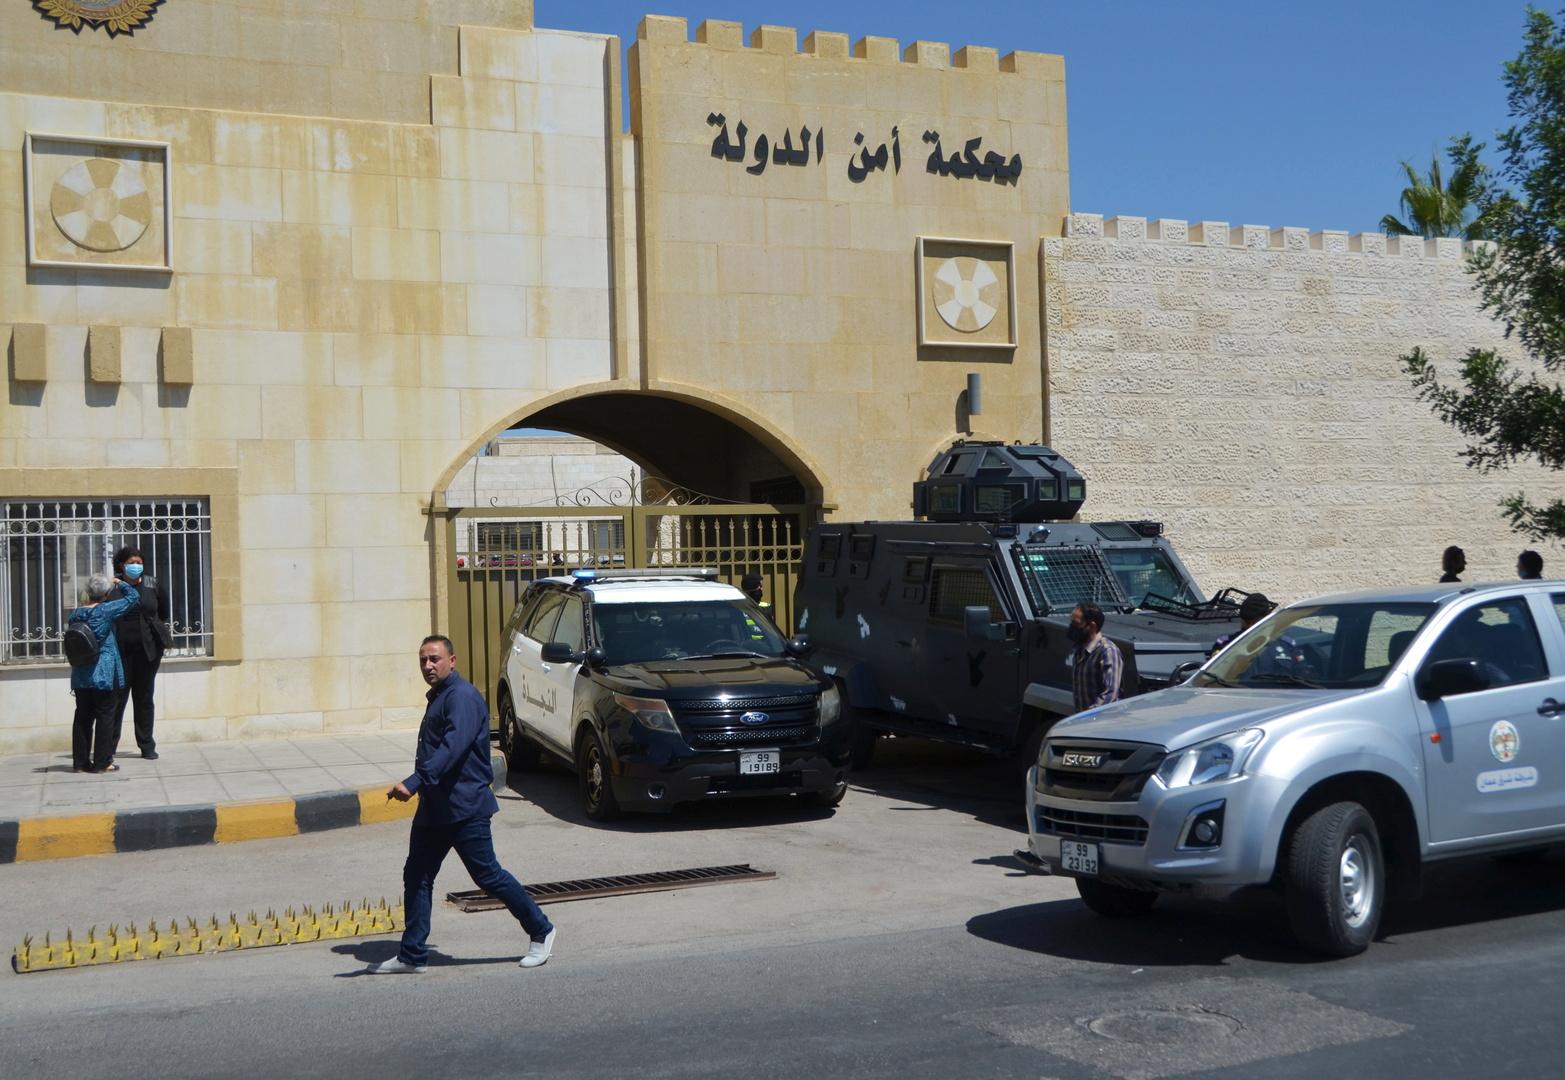 محكمة أمن الدولة الأردنية تقضي بالسجن لمدة 15 عاما بحق باسم عوض الله والشريف حسن